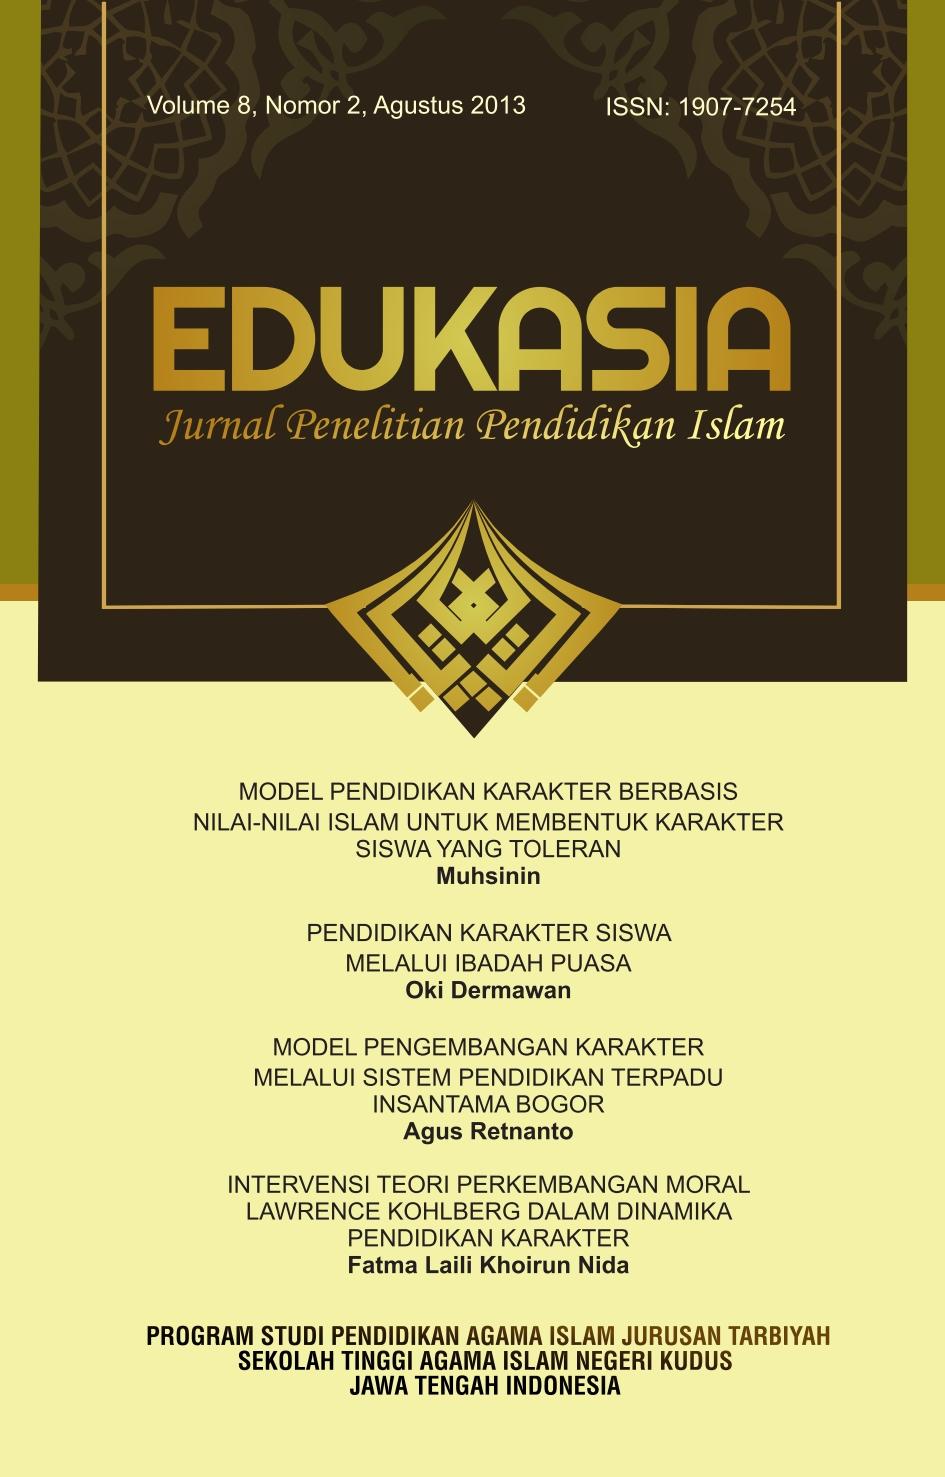 Edukasia Jurnal Penelitian Pendidikan Islam